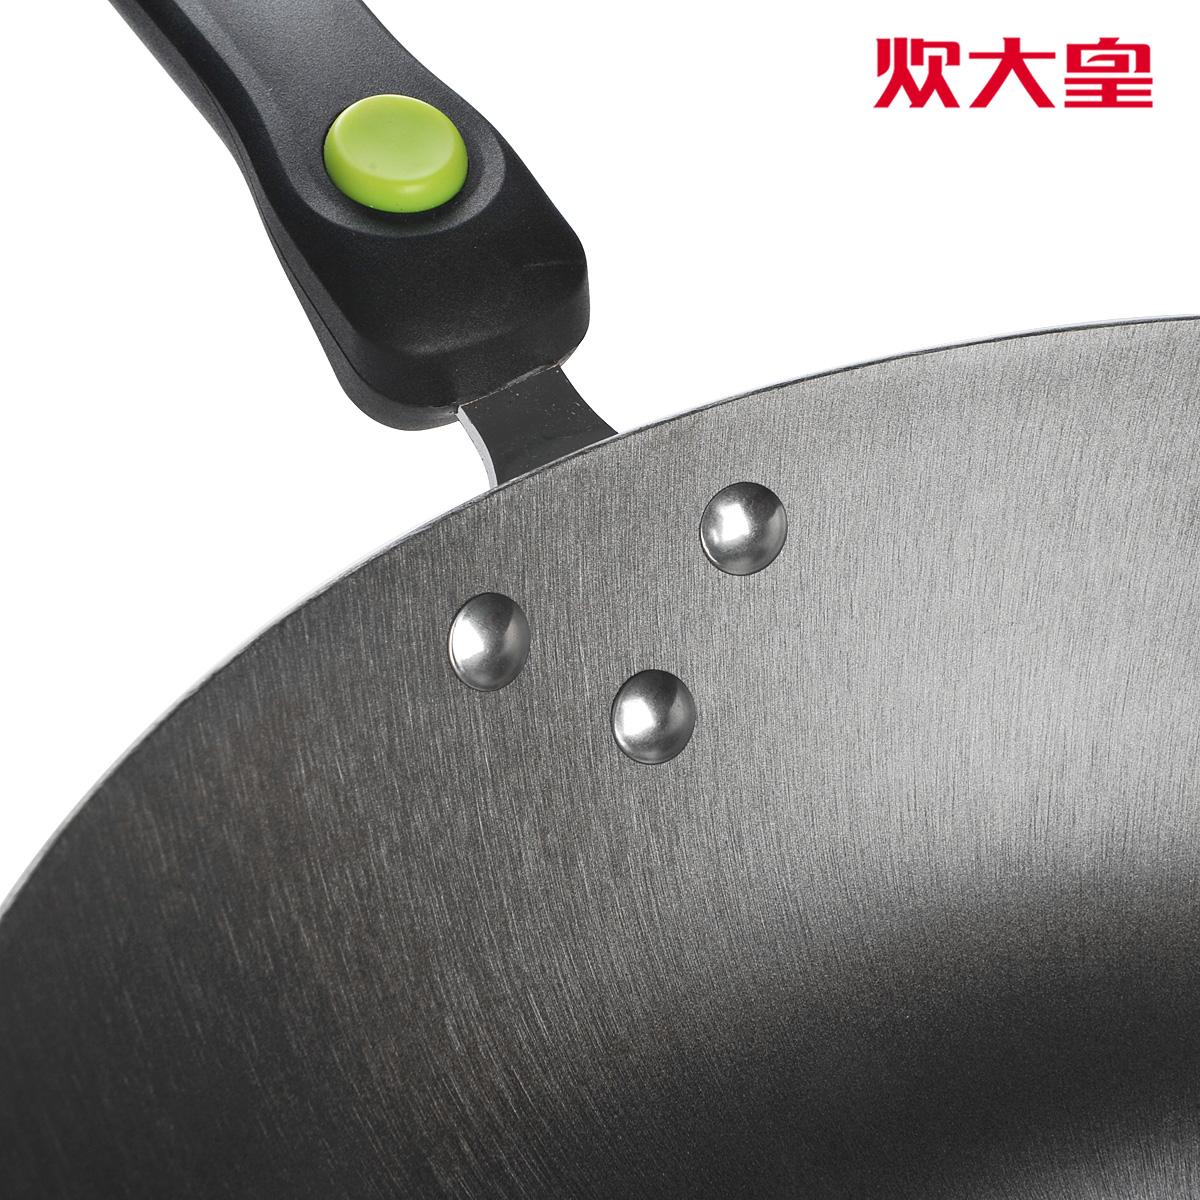 Сковорода Imperial cooker king Чугун Не чадит, С антипригарным покрытием, Без покрытия Для газовой плиты 32 см